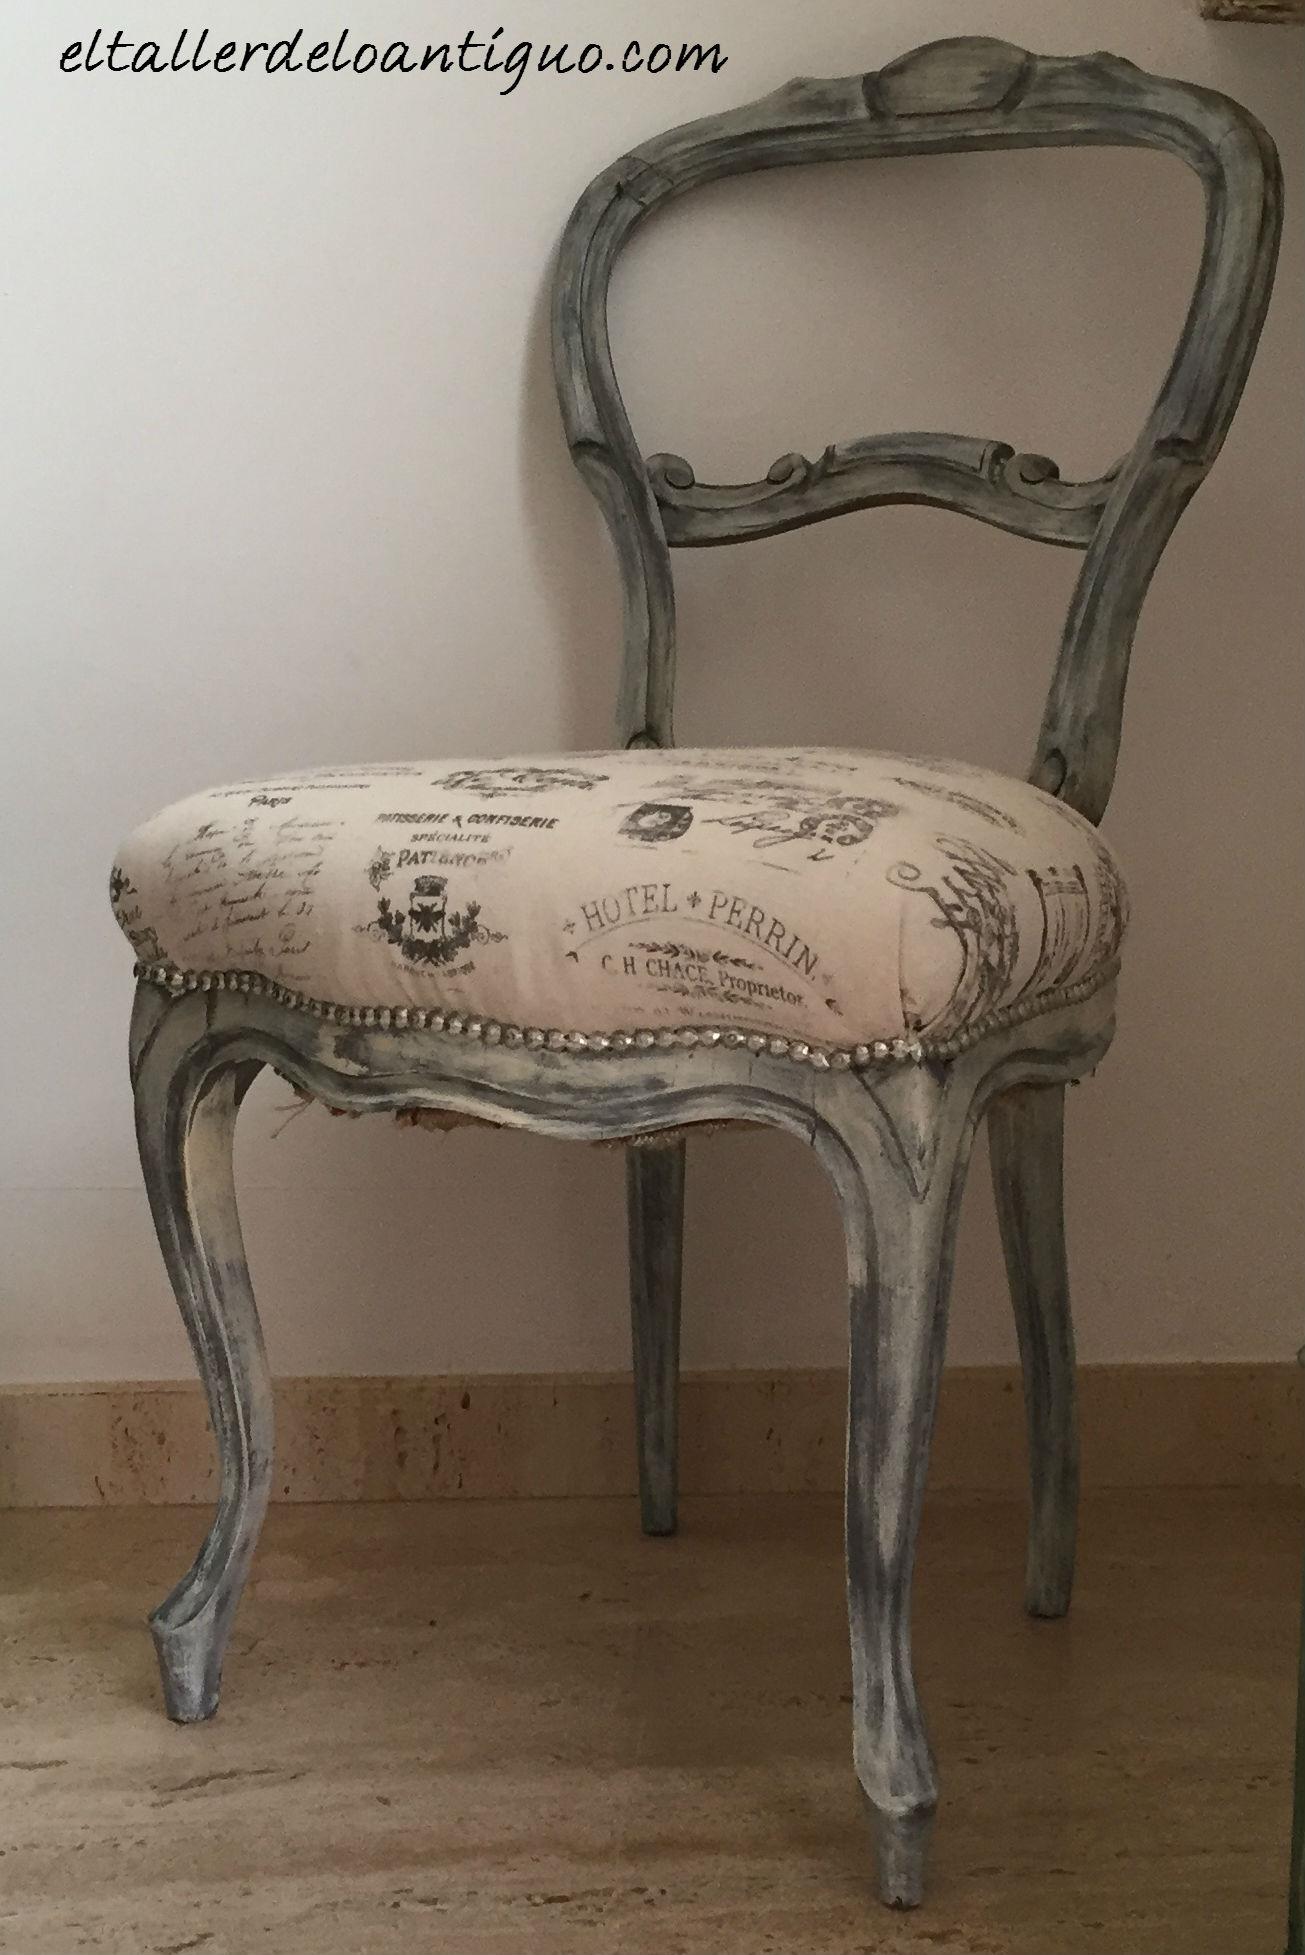 Transfers en tela la madera parte 2 el taller de lo - Como tapizar sillas antiguas ...